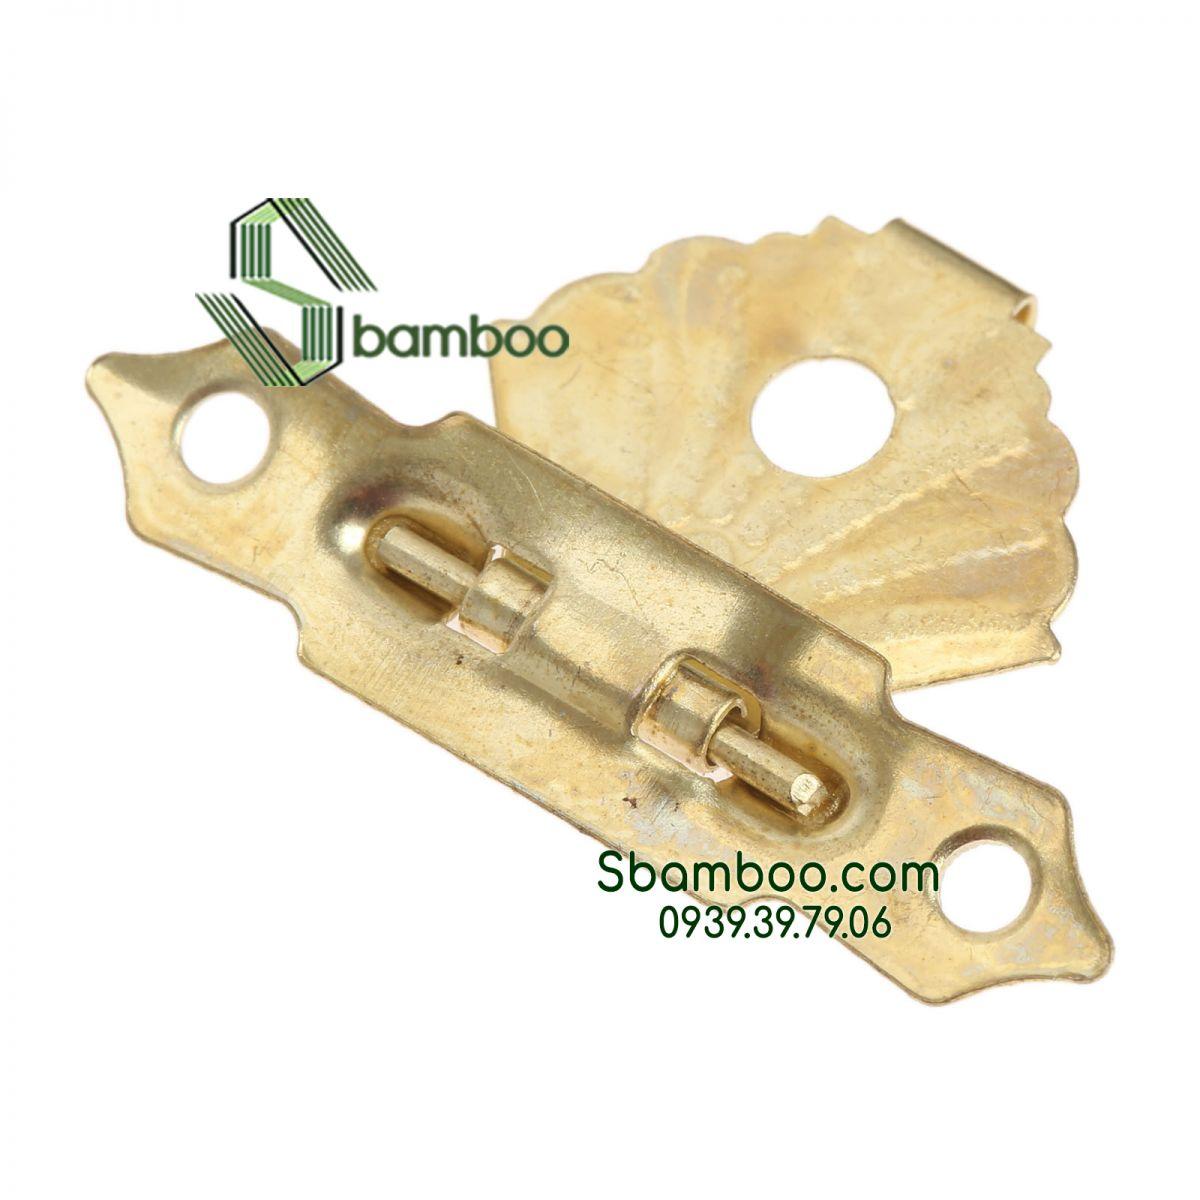 Khóa yếm vàng - kèm ốc vít Sbamboo